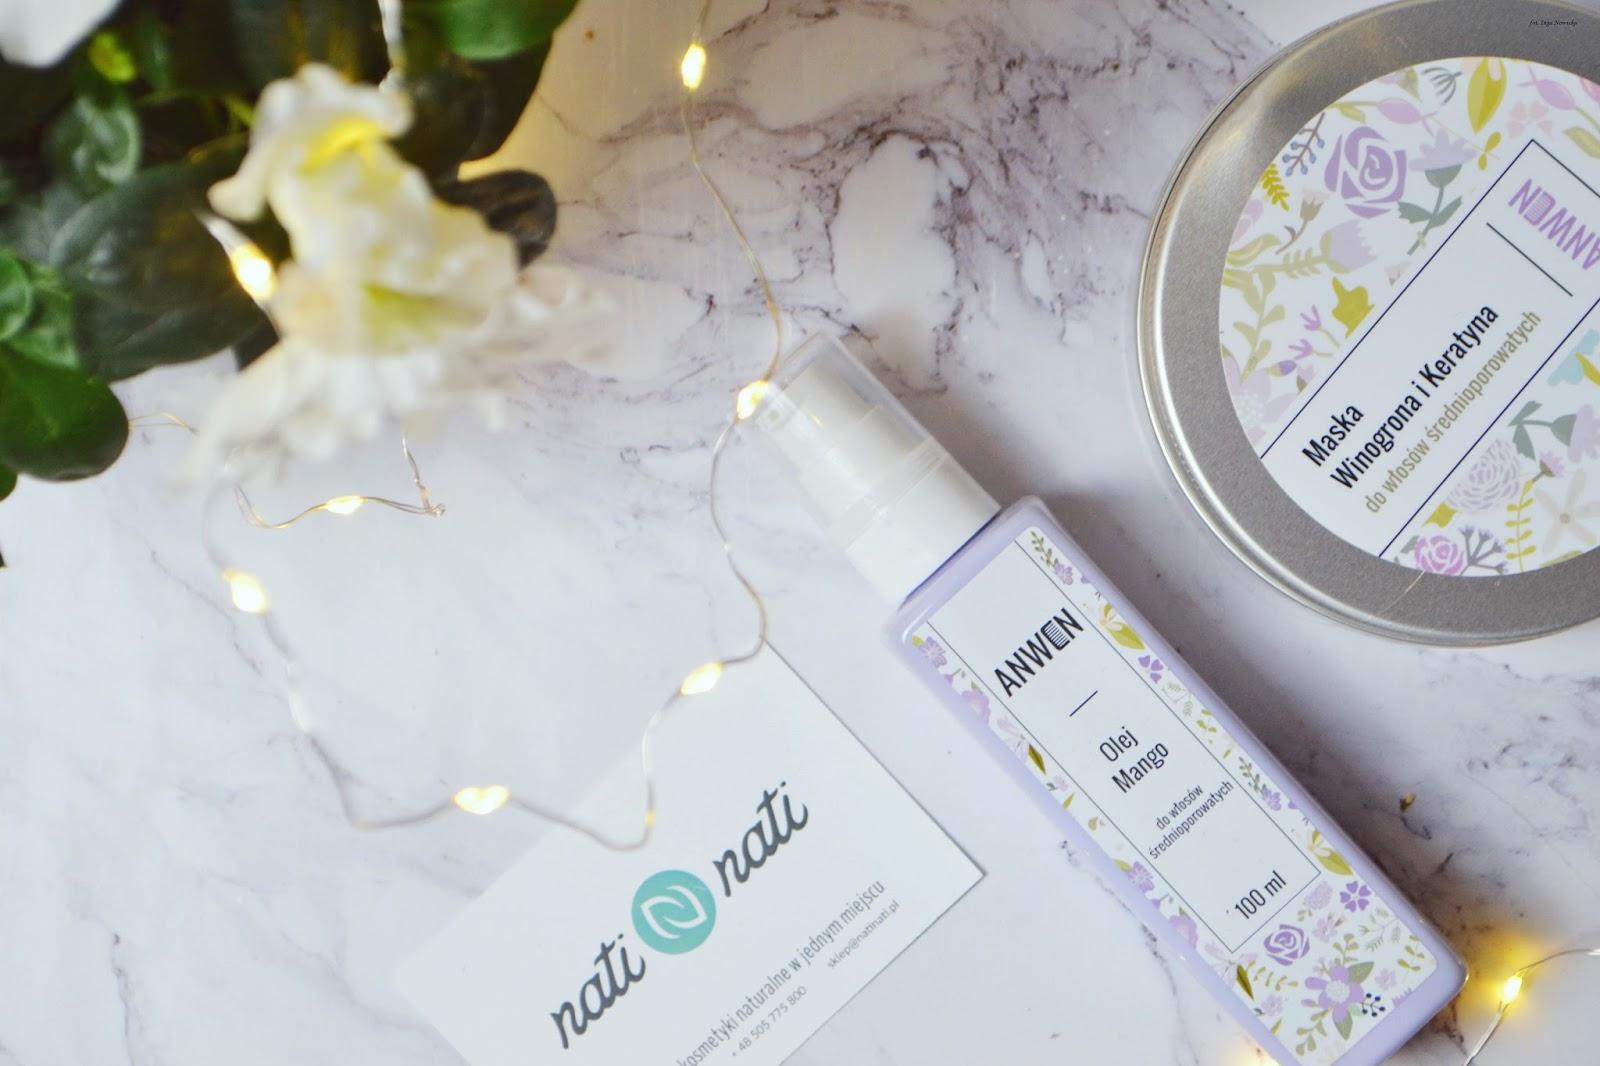 gdzie tanio kupować naturalne kosmetyki ?